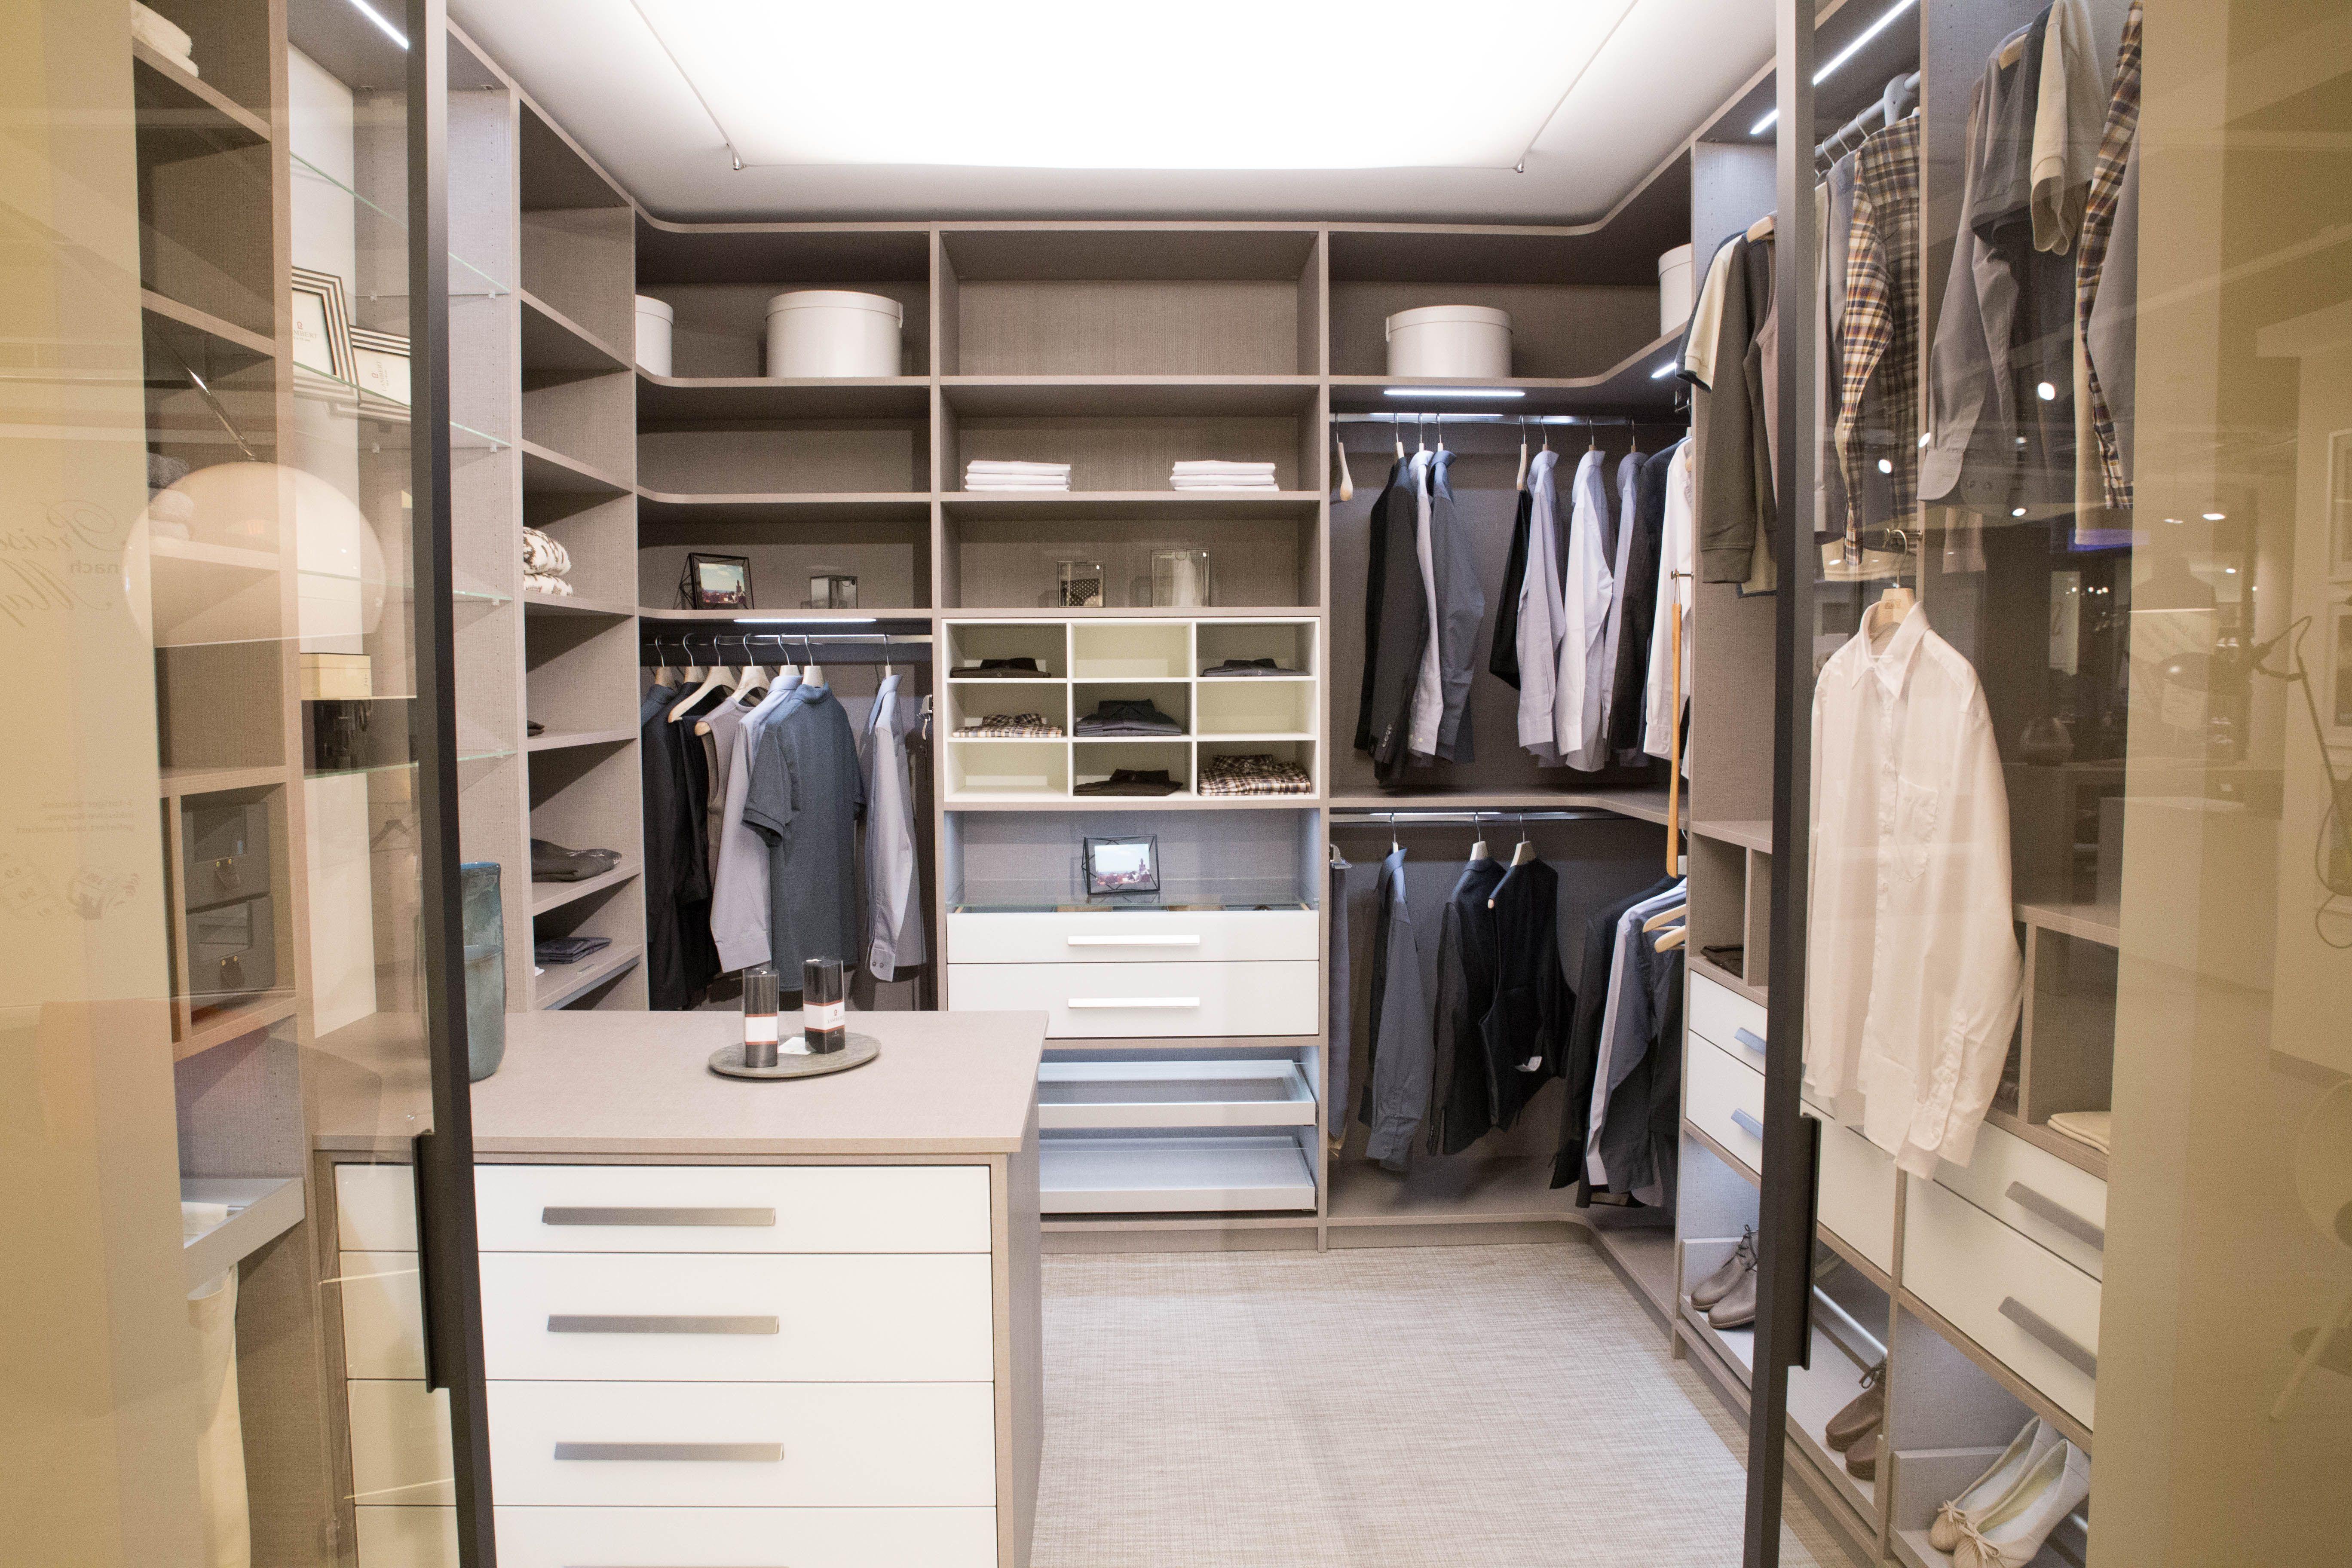 Einbauschränke & Schiebetüren nach Maß   Begehbarer kleiderschrank, Kleiderschrank, Begehbarer ...